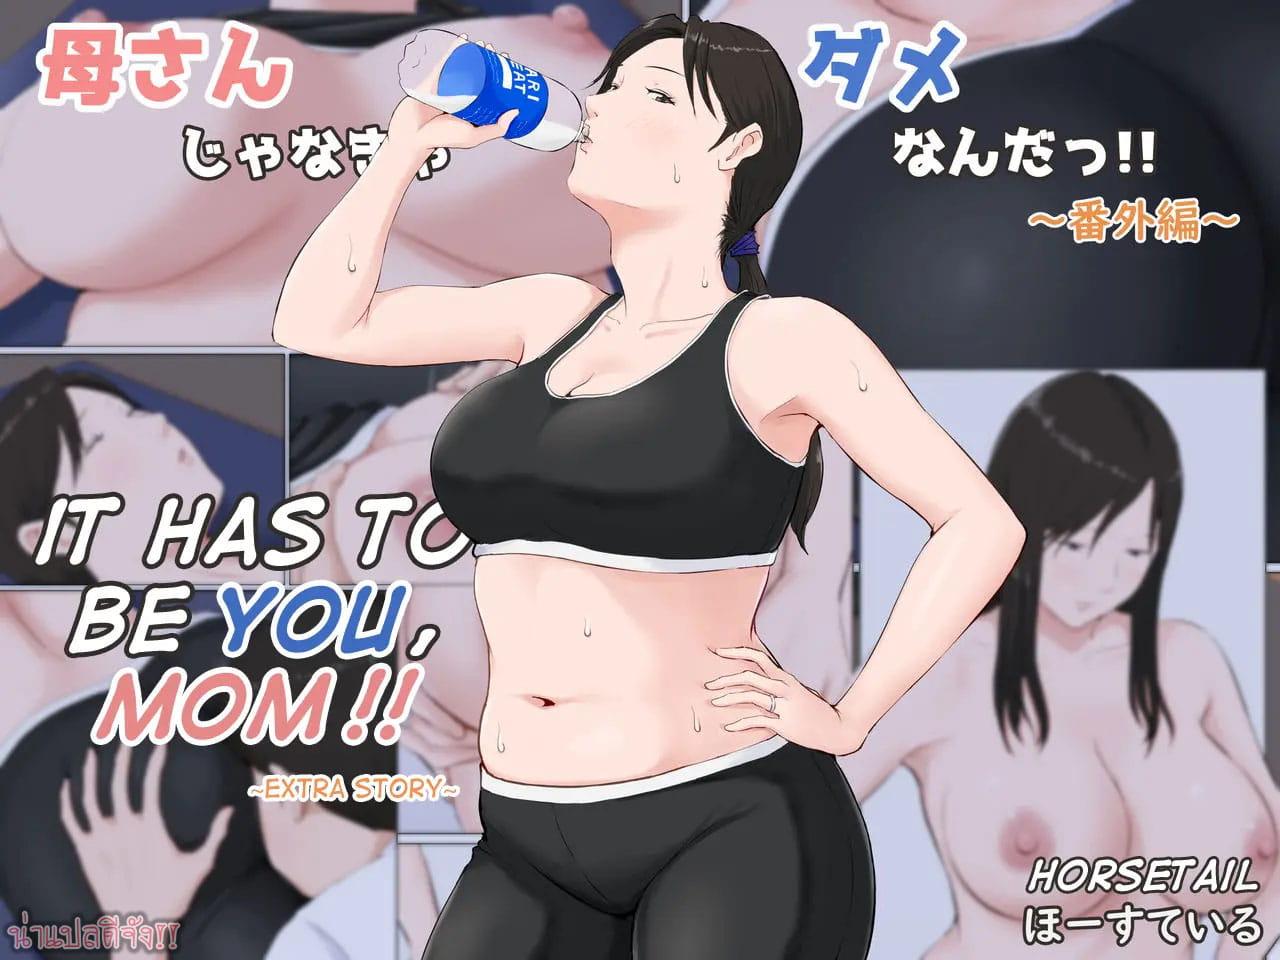 ช่วยแม่ลดน้ำหนัก ฉบับเร่งรัด-1